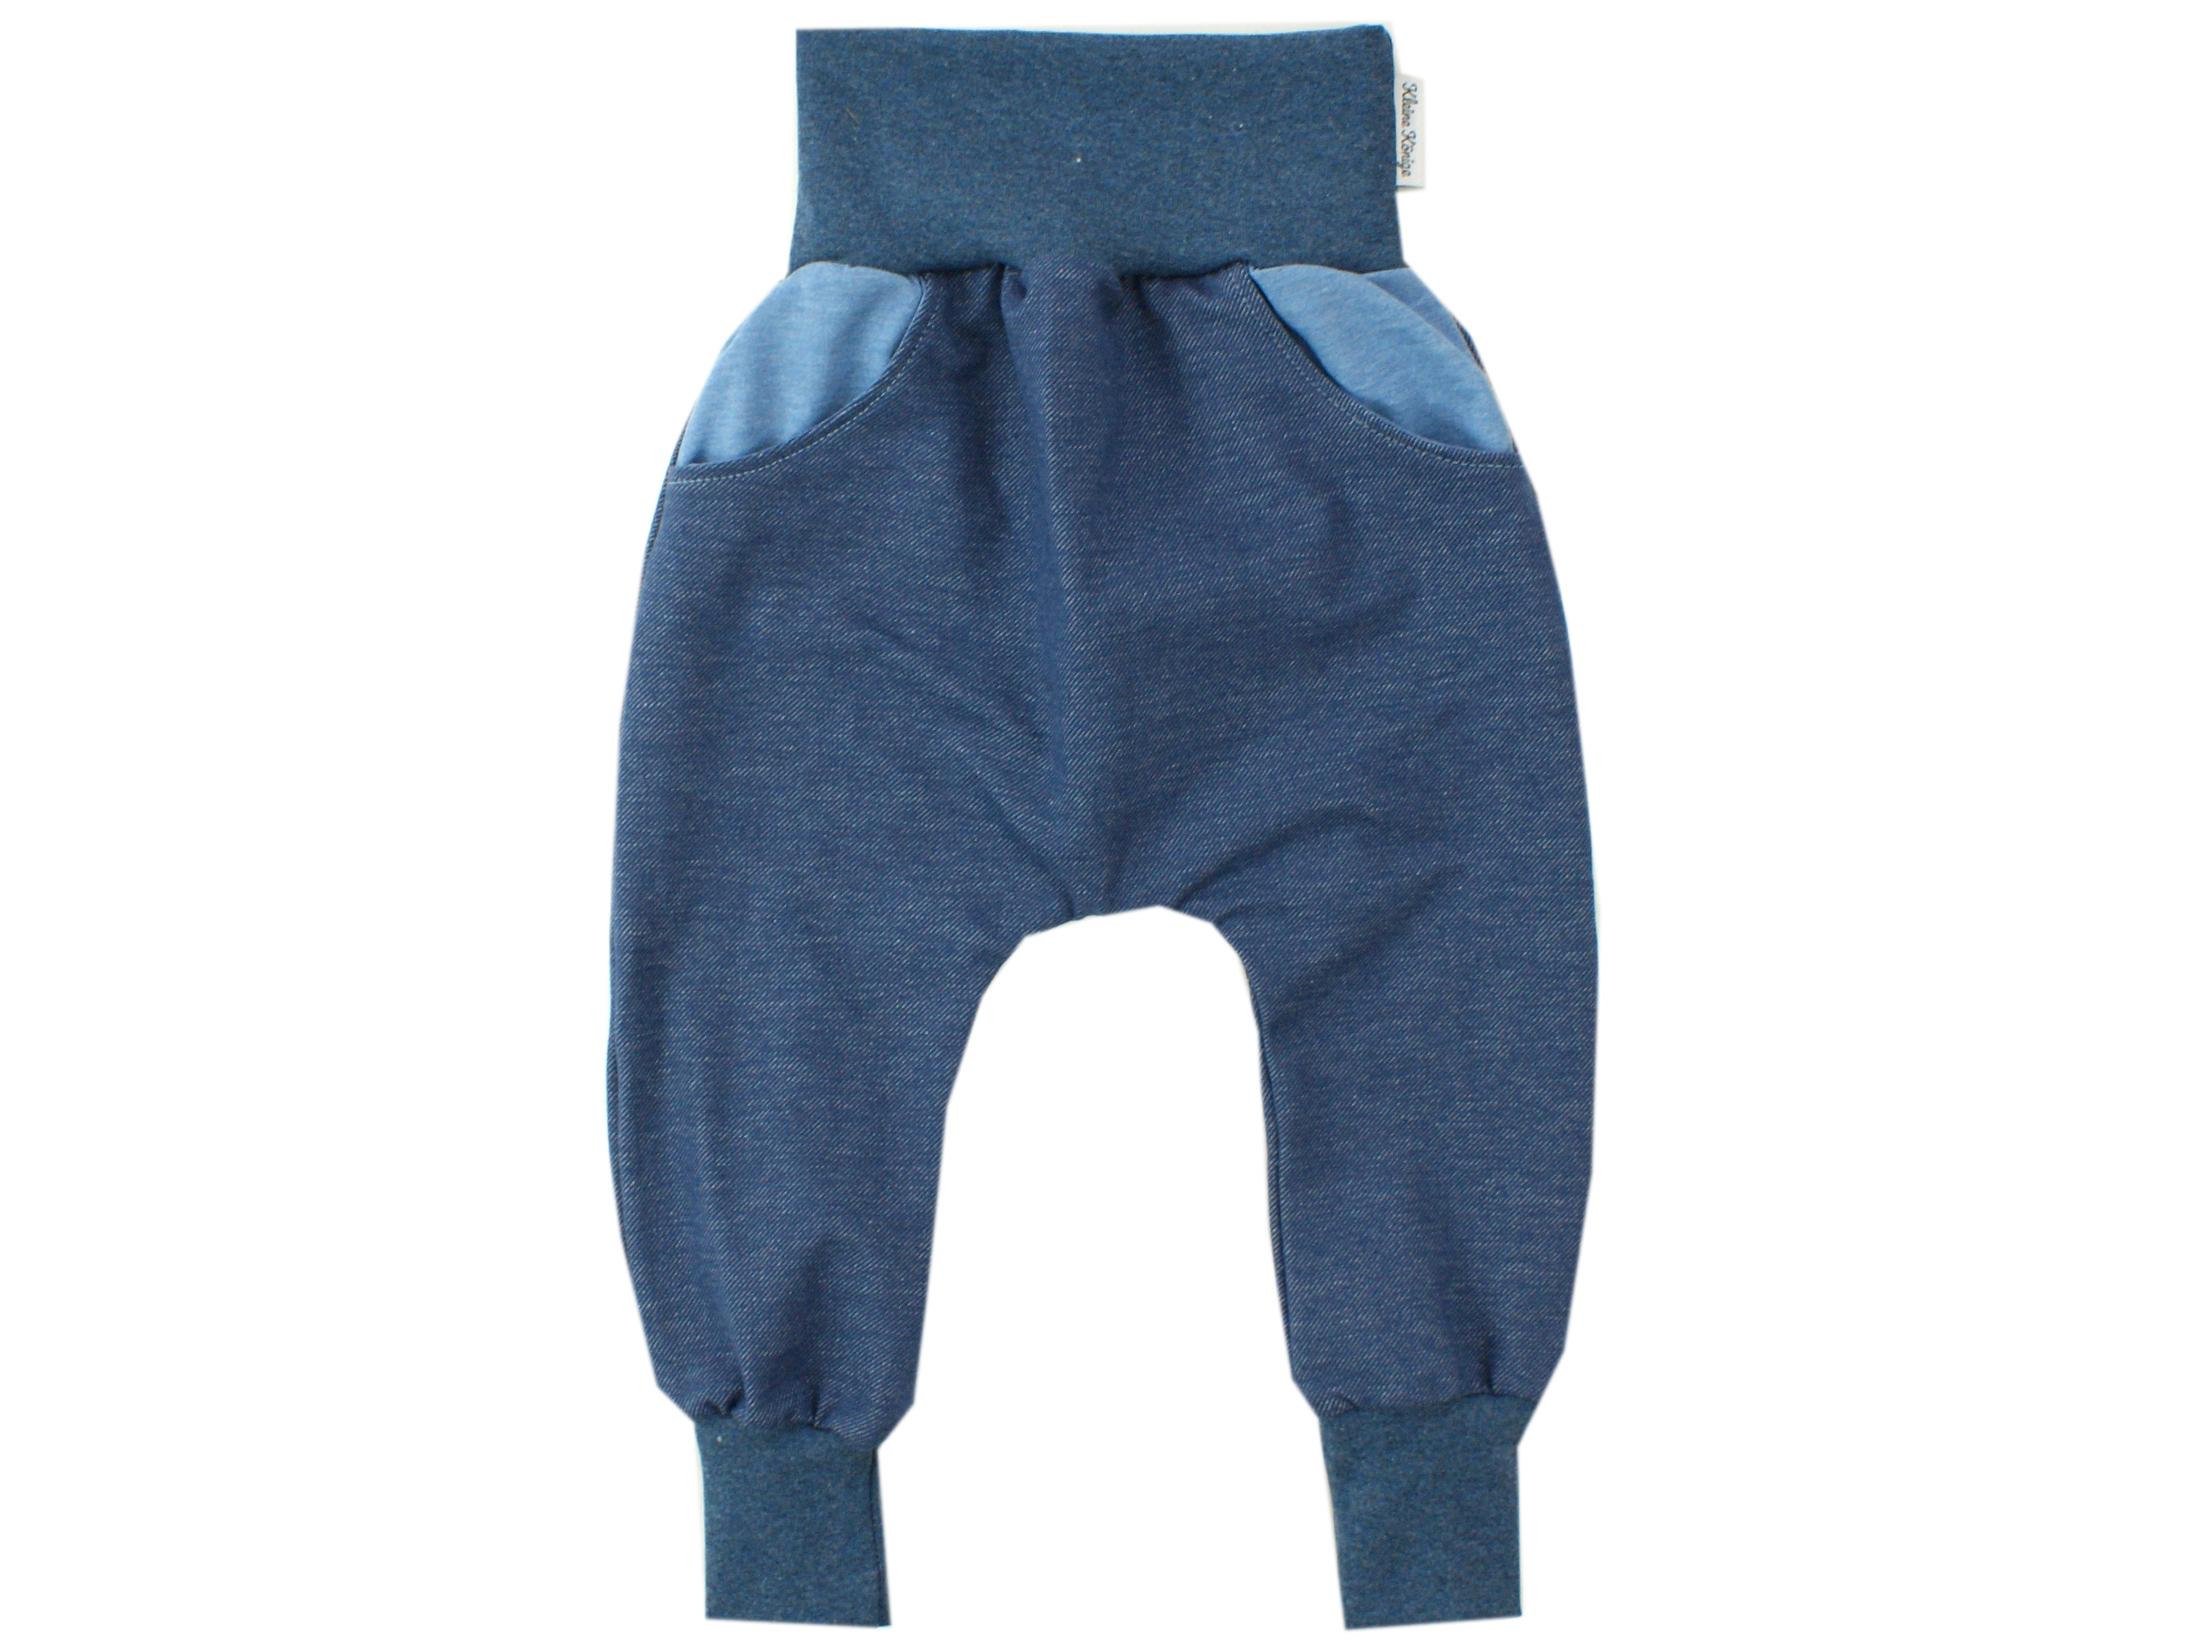 Kinderhose mit Taschen Jeansjersey dunkelblau